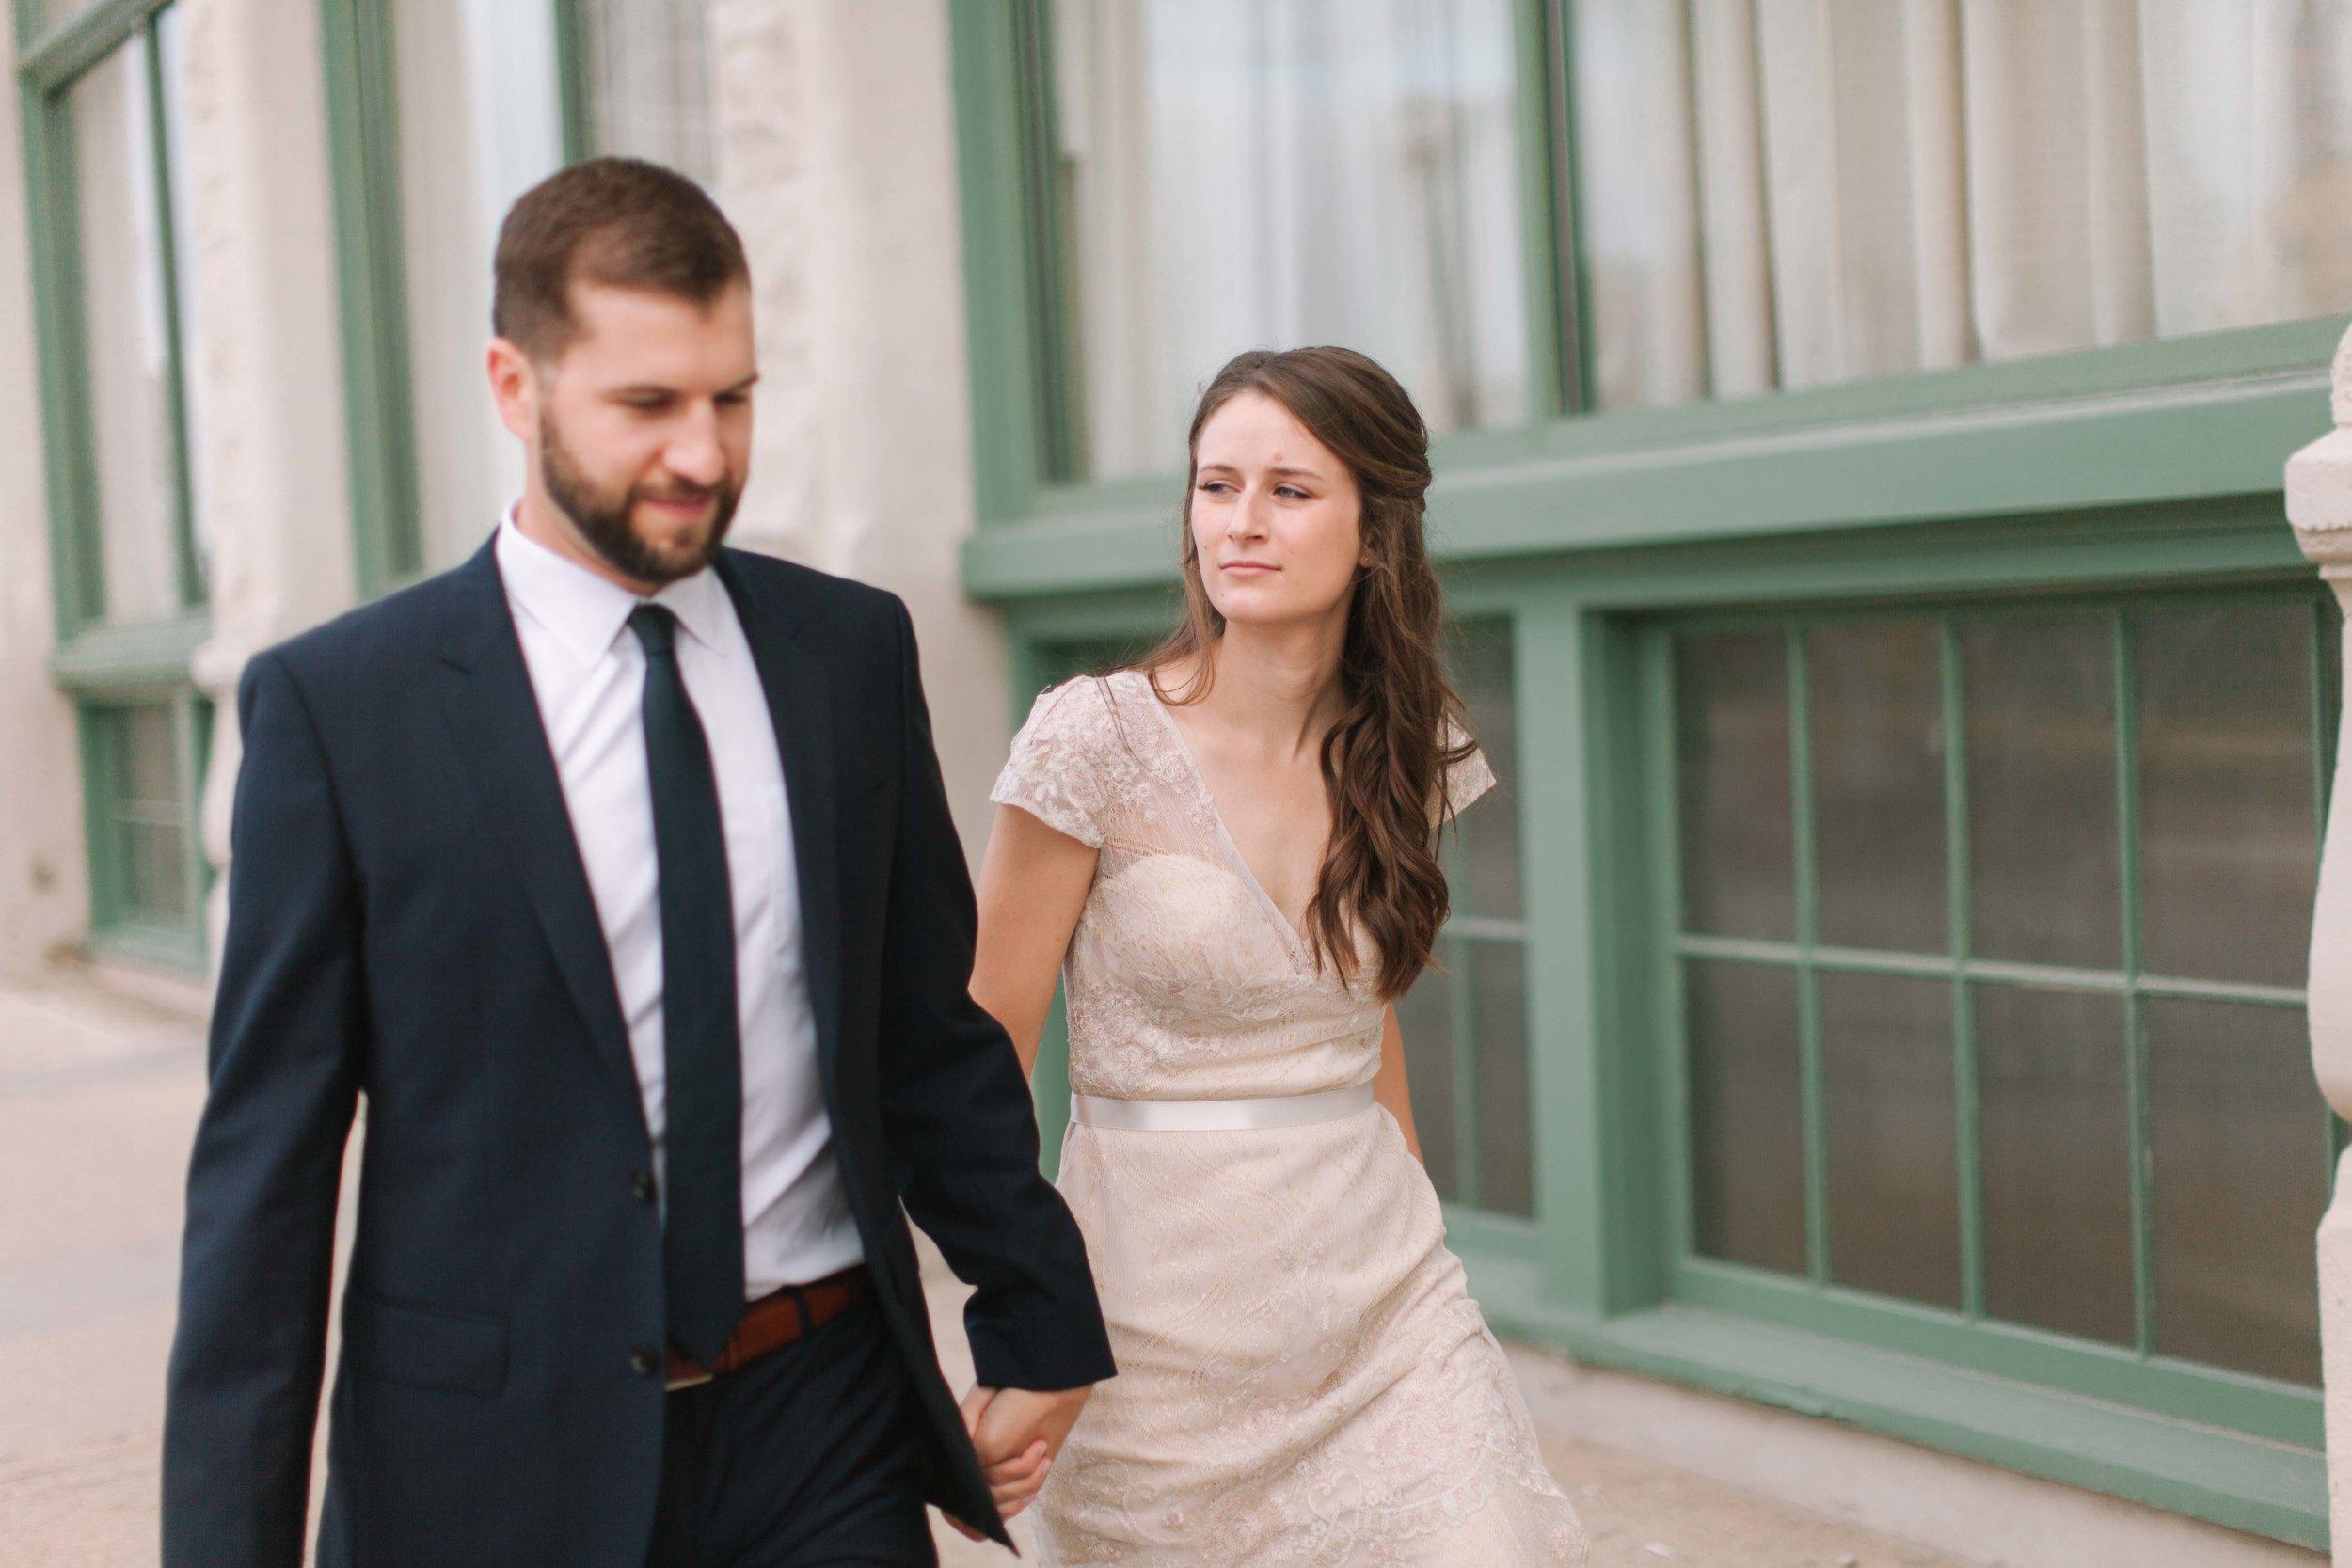 kateweinsteinphoto_clairewillie_wedding-342.jpg